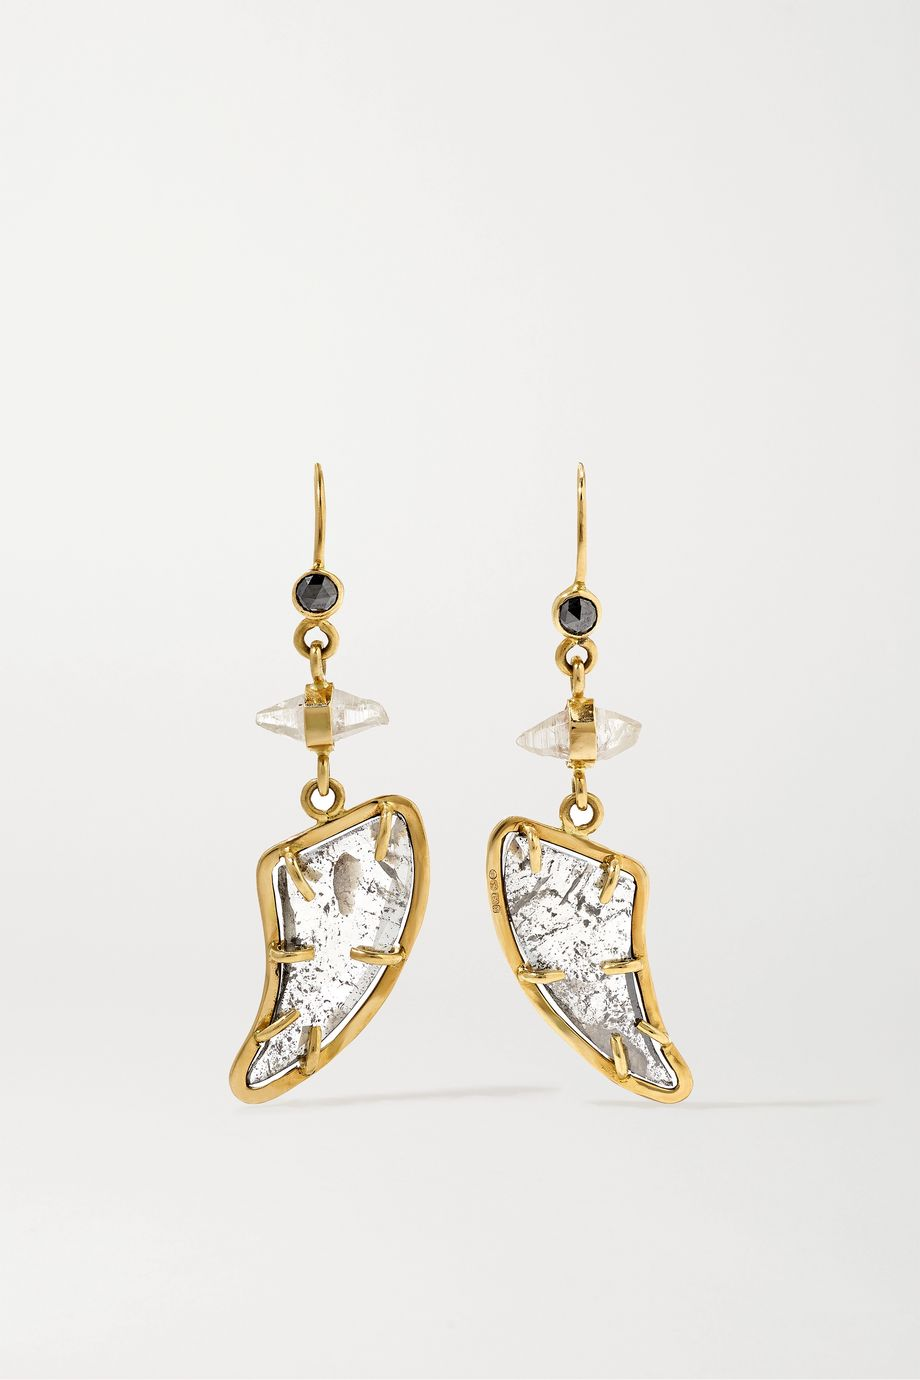 Melissa Joy Manning + NET SUSTAIN Ohrringe aus 14 Karat Gold mit Diamanten und Saphiren